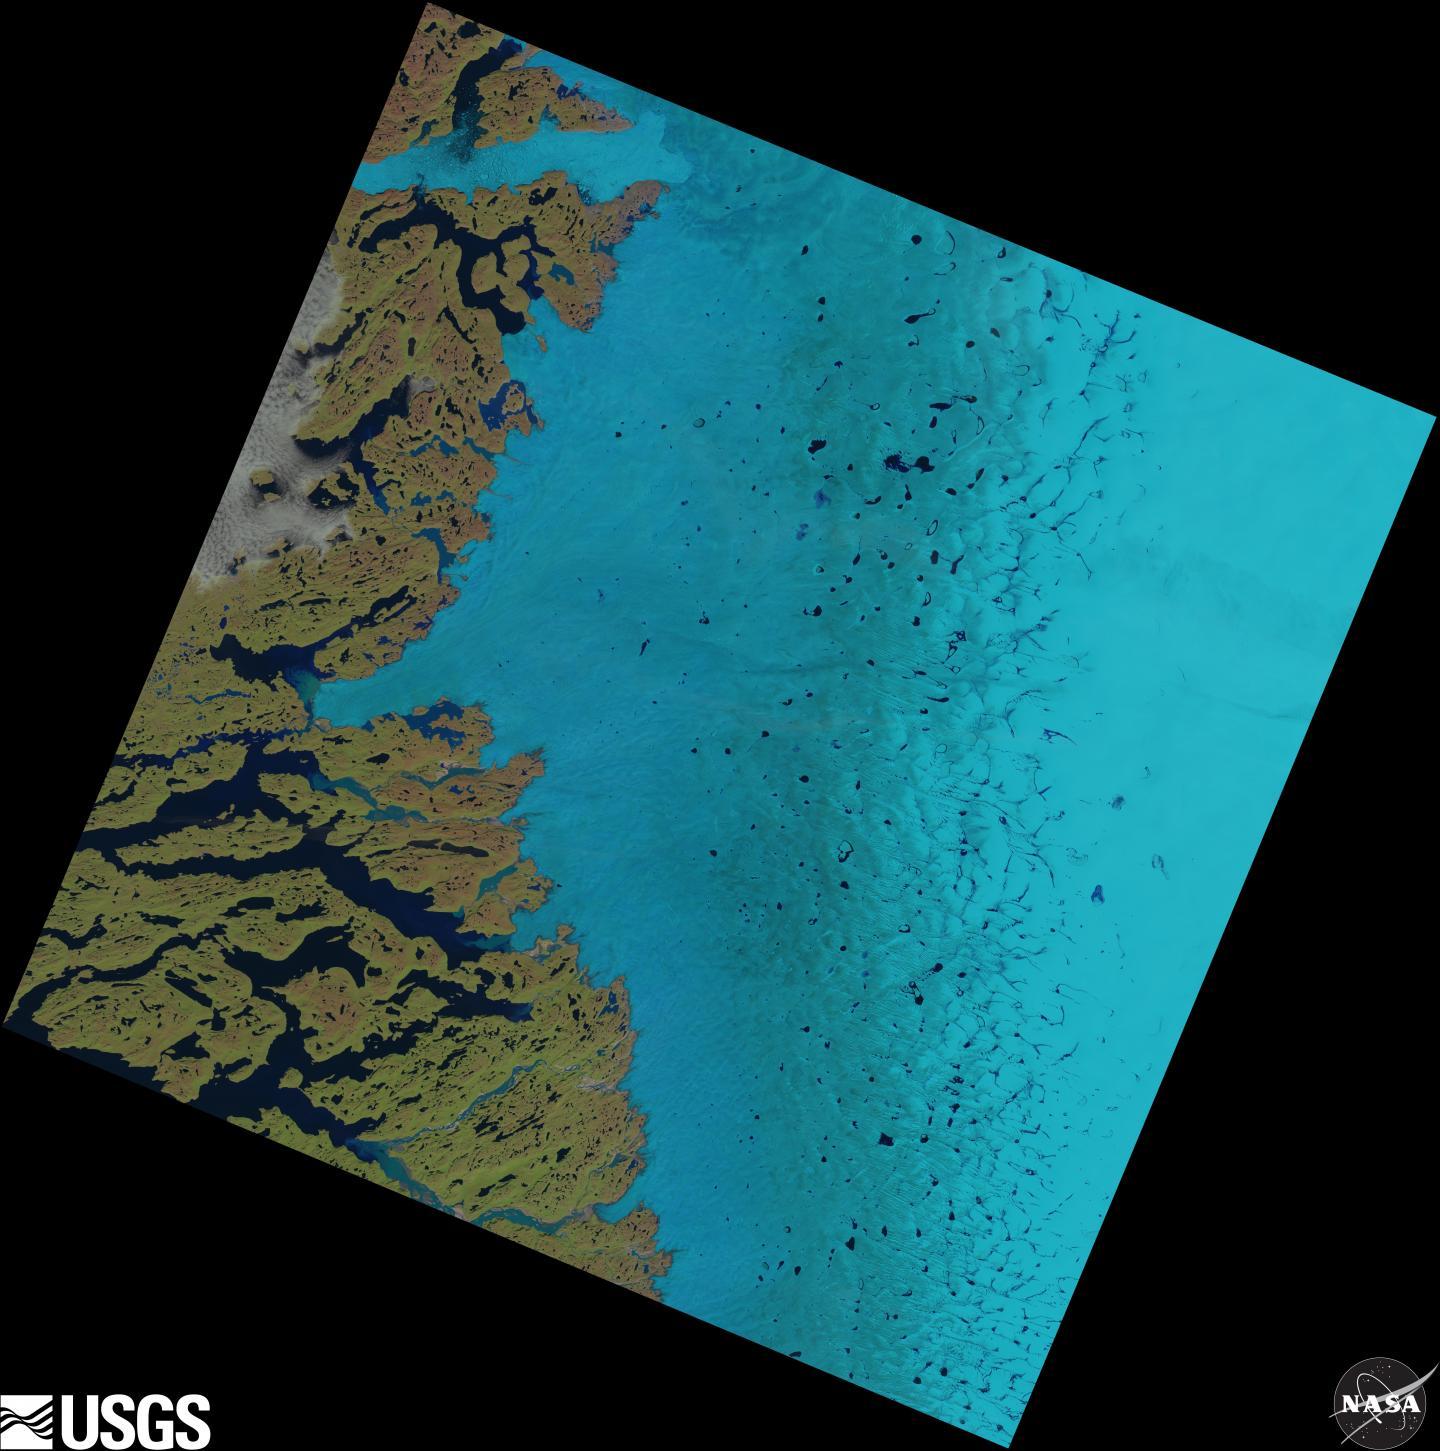 Supraglacial Lakes on the Greenland Ice Sheet